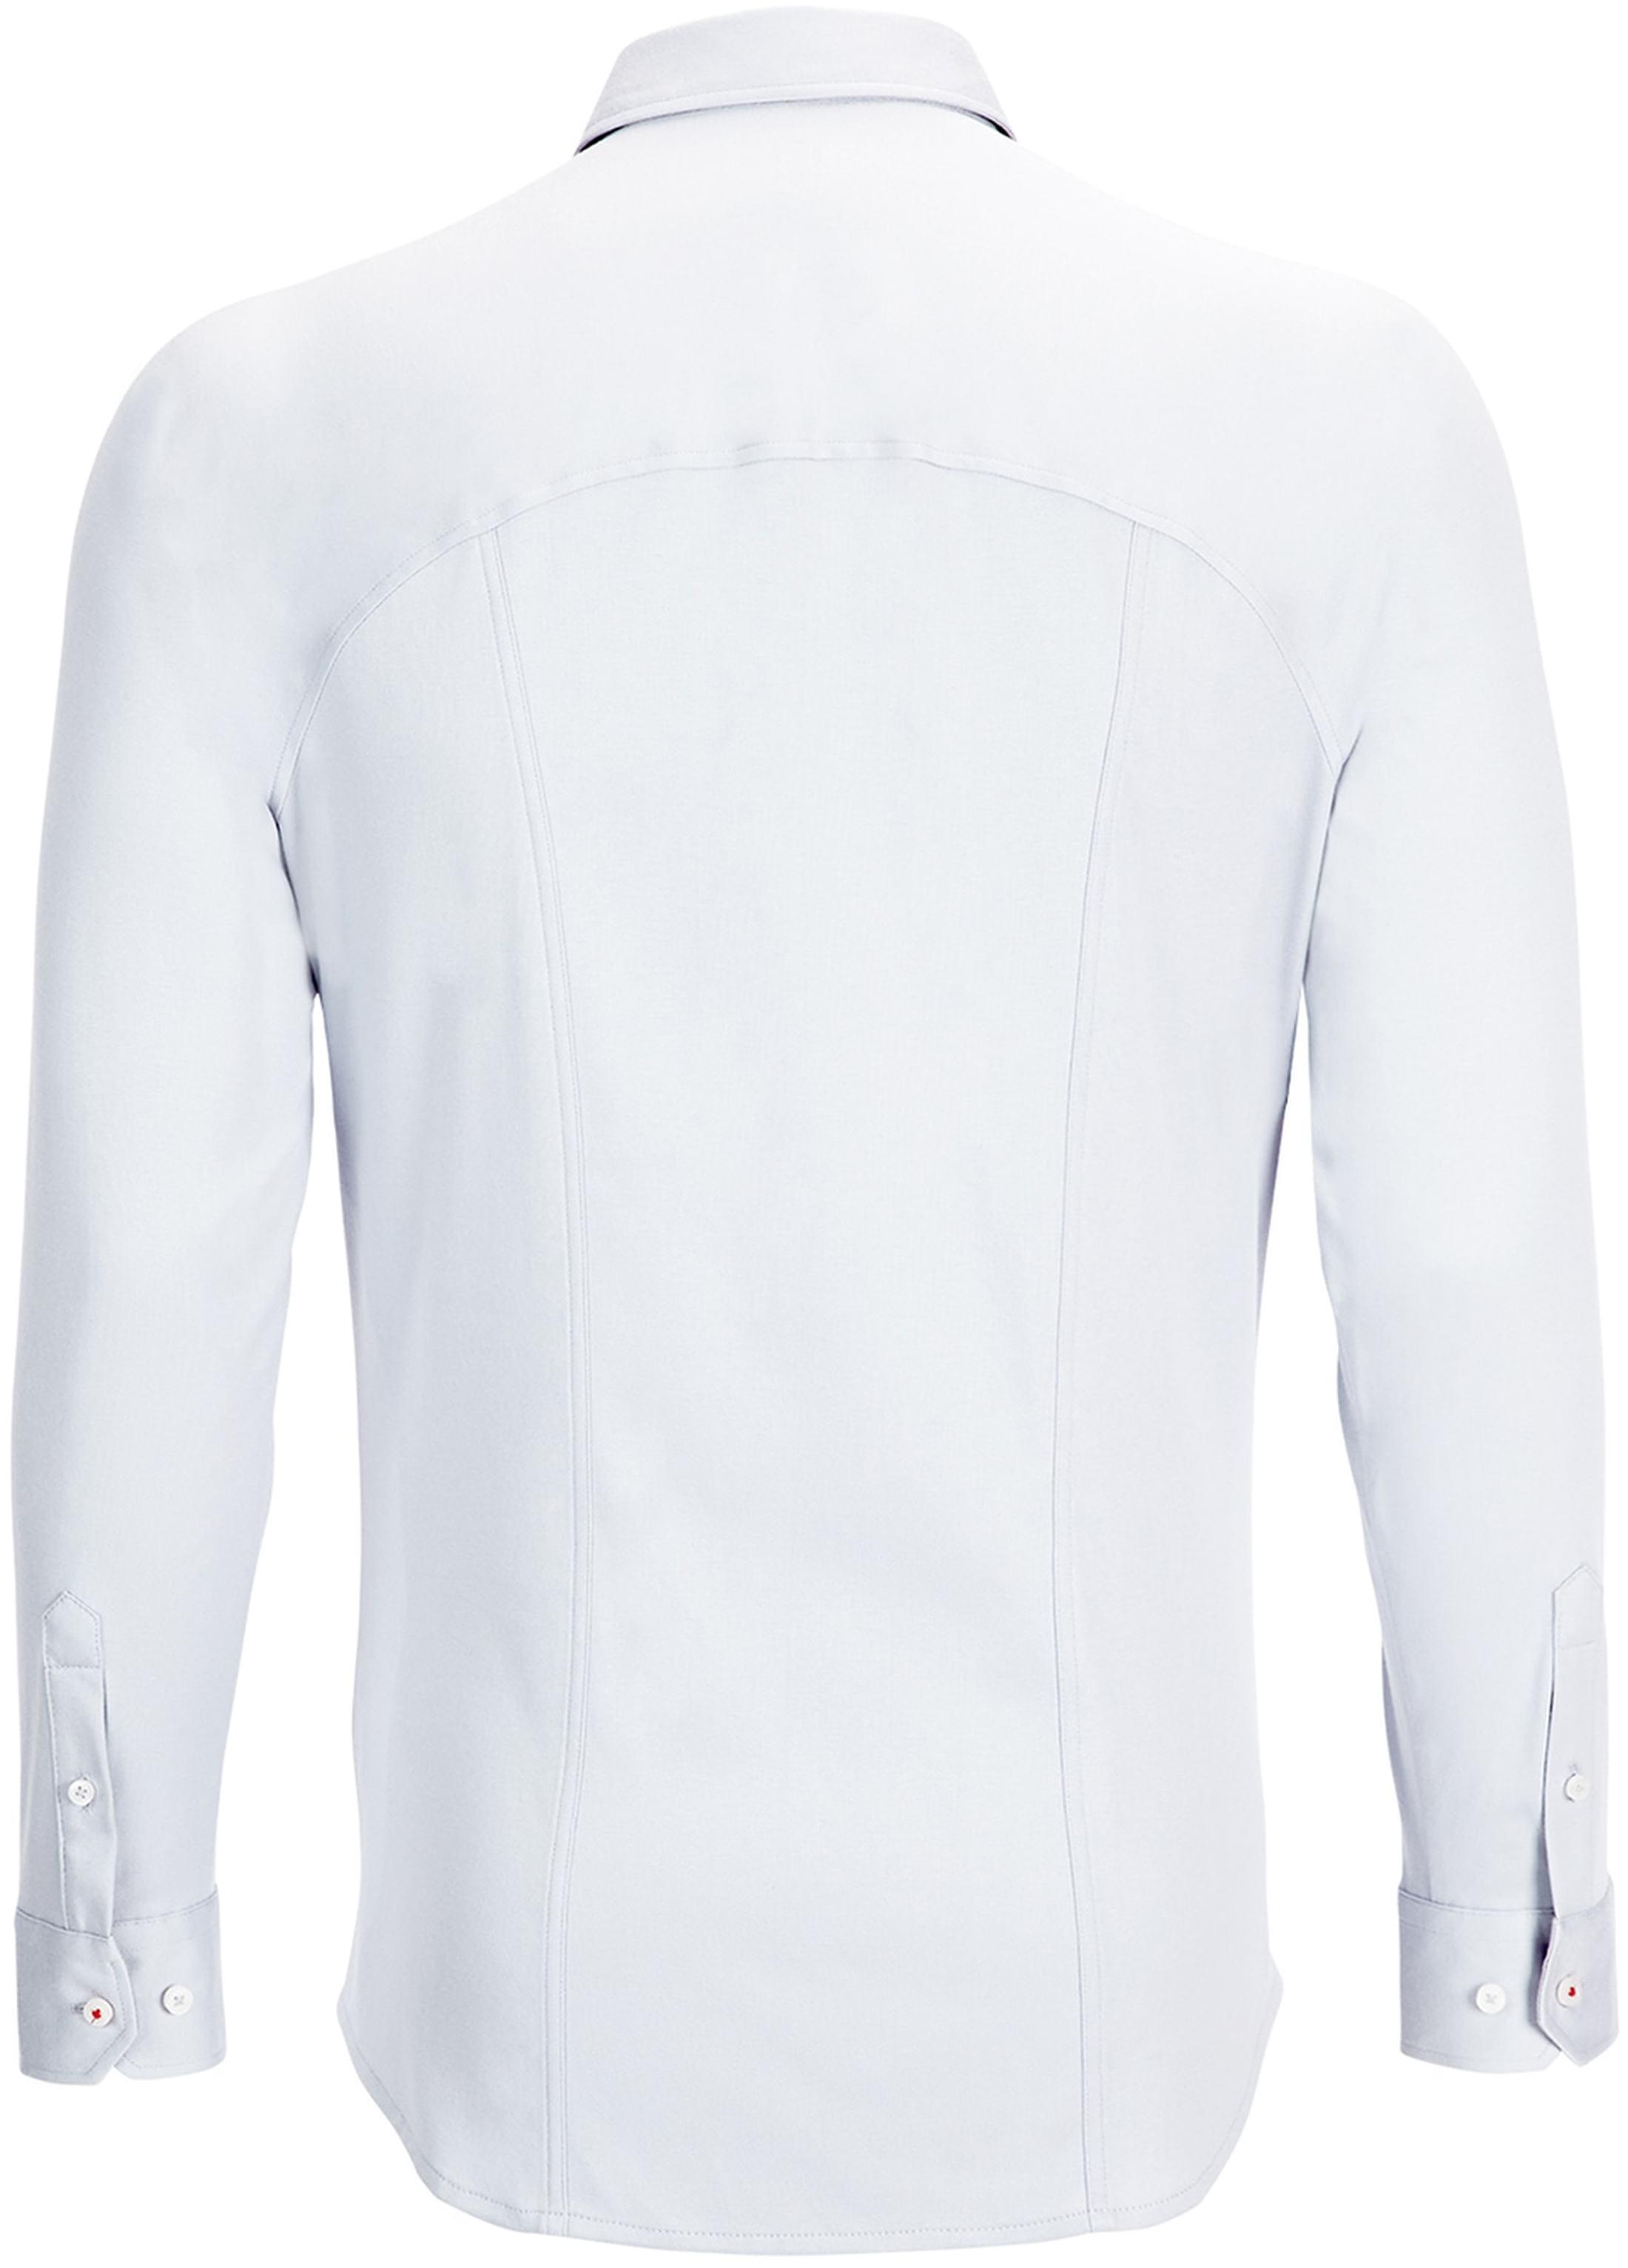 Desoto Shirt Non Iron White foto 1